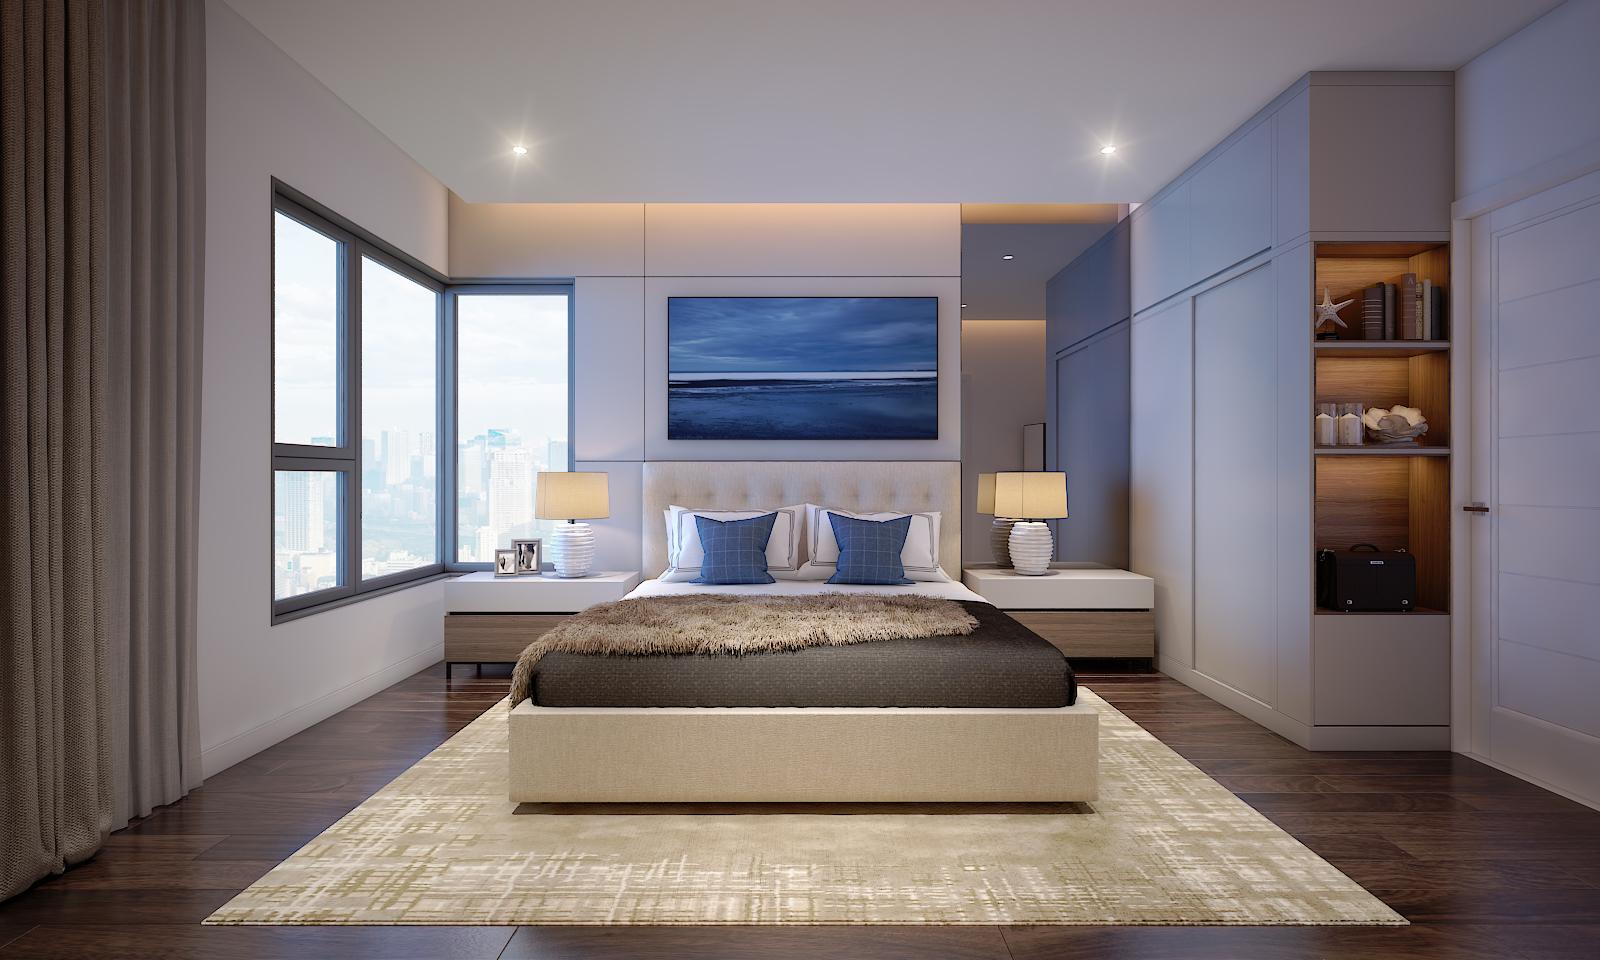 Nếu đây là Phòng Ngủ Master của căn góc tại Safira Khang Điền thì khách hàng sẽ đánh giá căn này như thể nào? - Khang Điền HCM